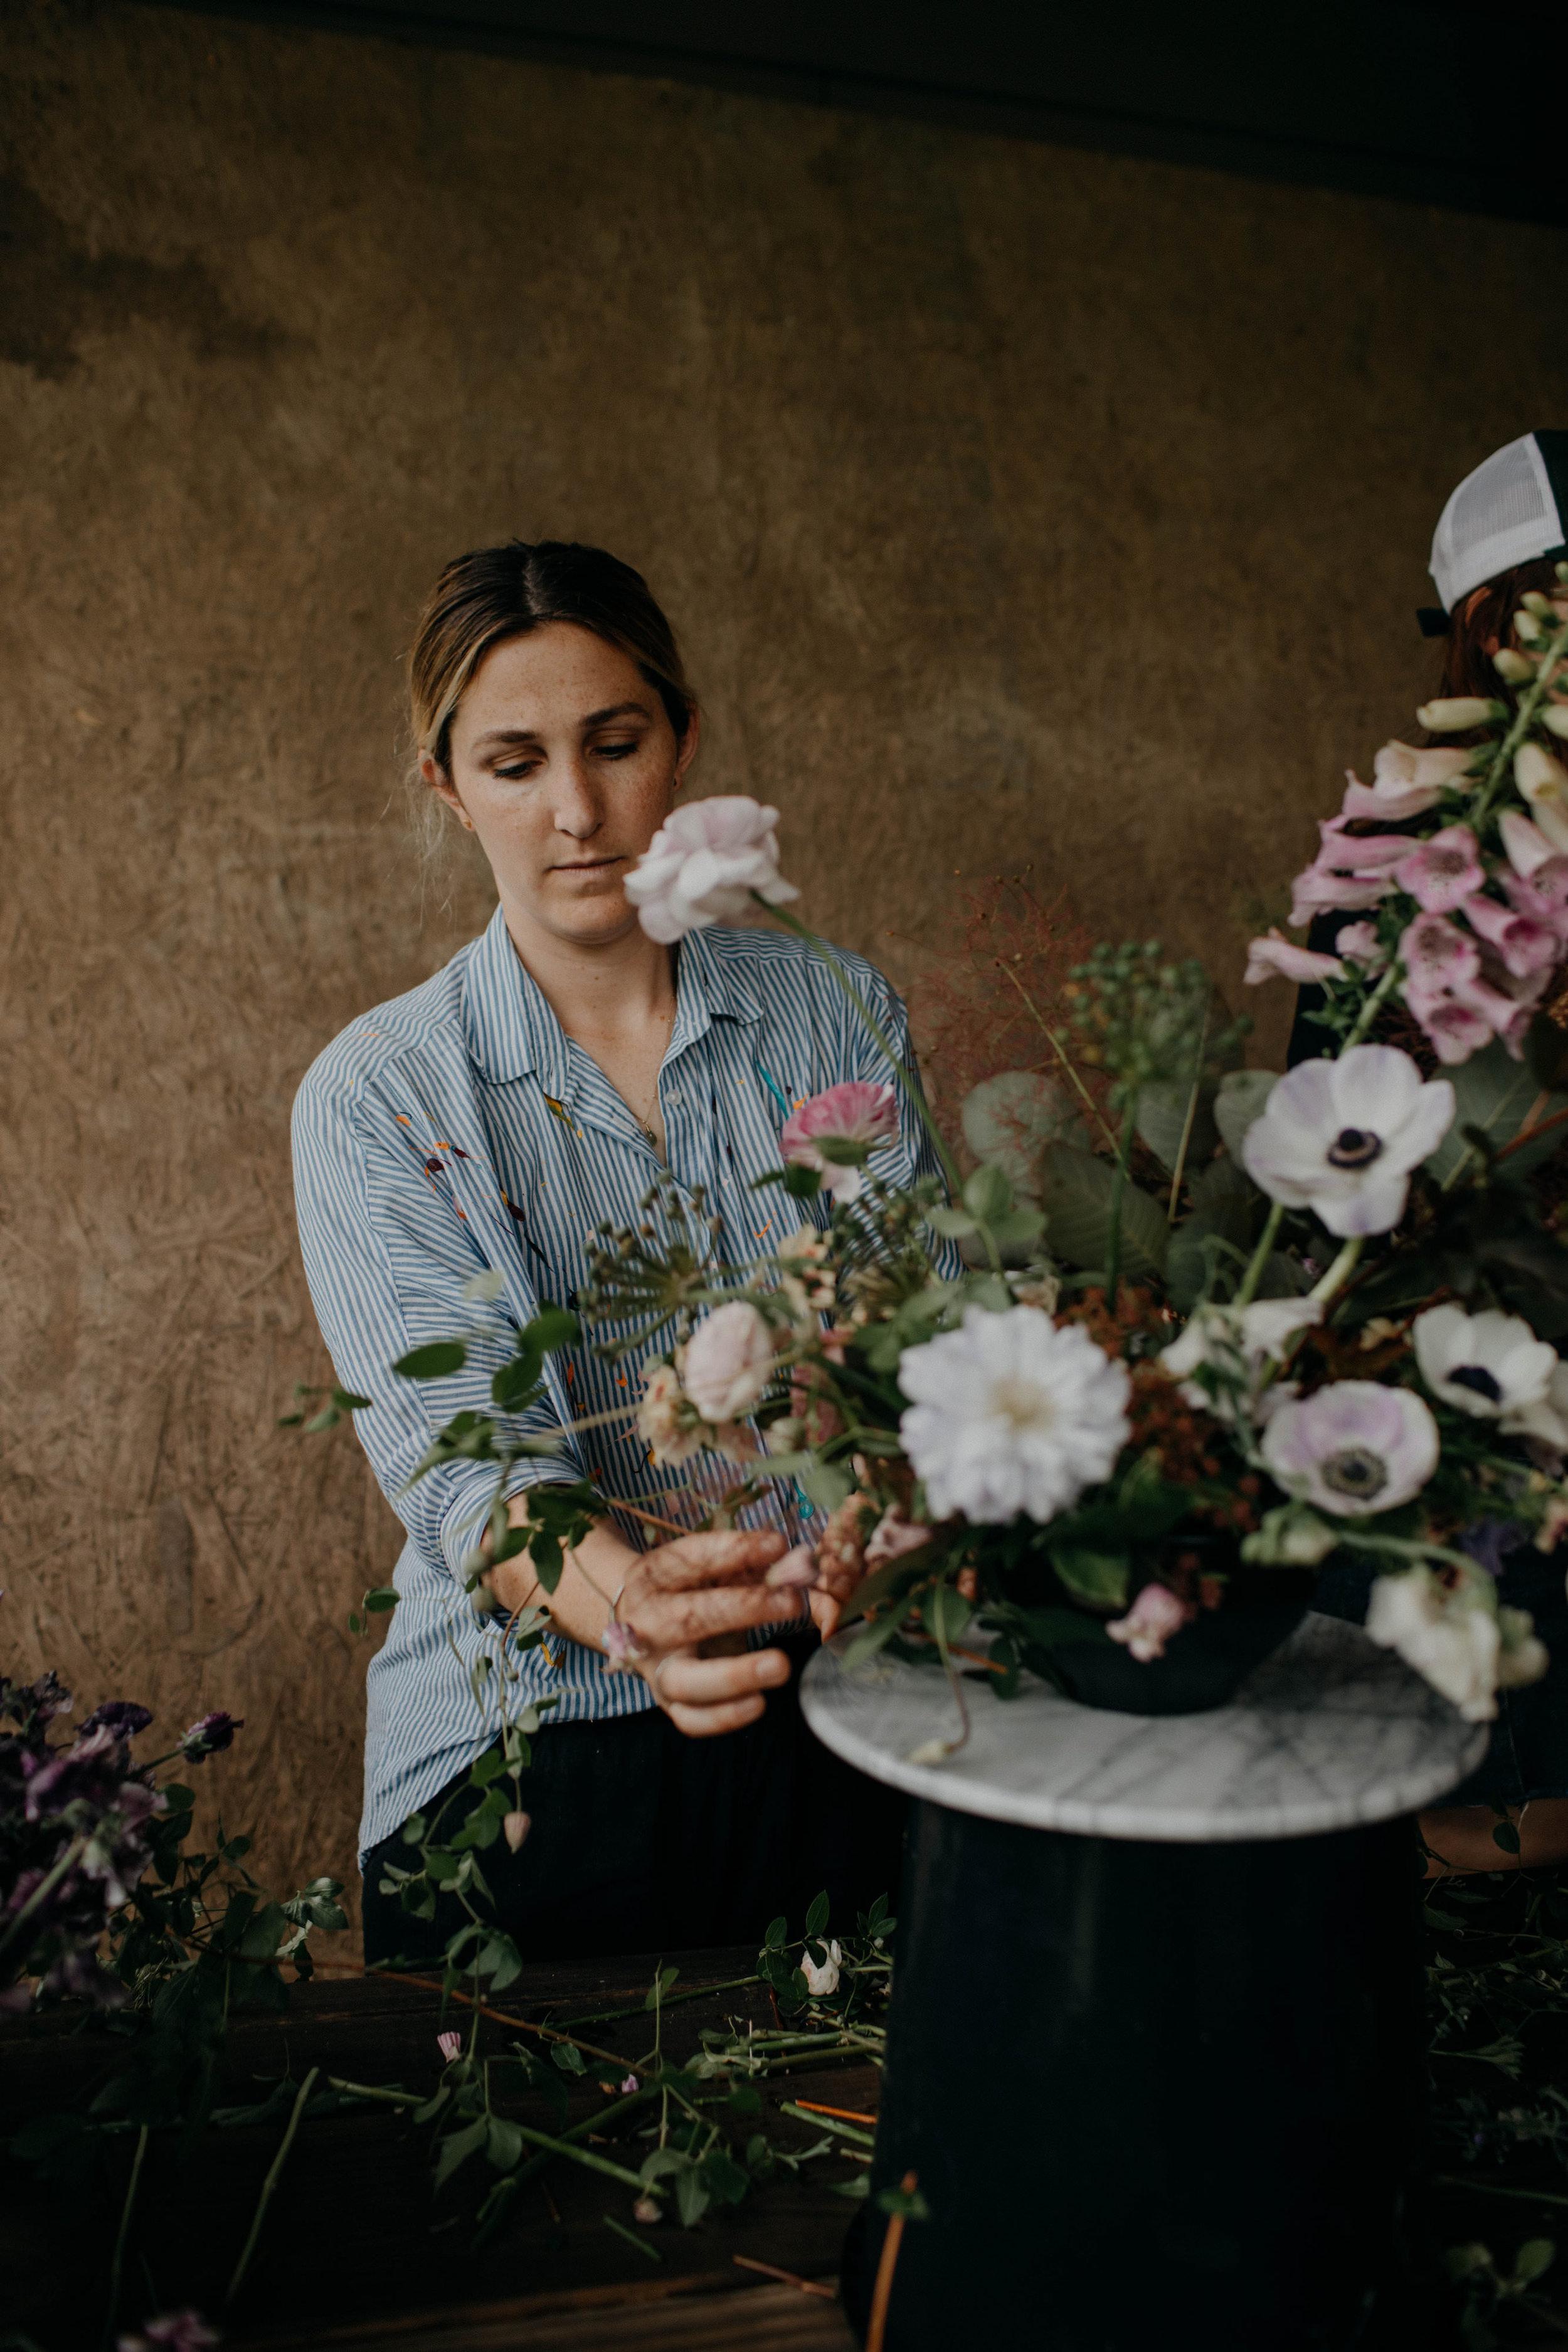 nashville floral workshop nashville tennessee wedding photographer56.jpg